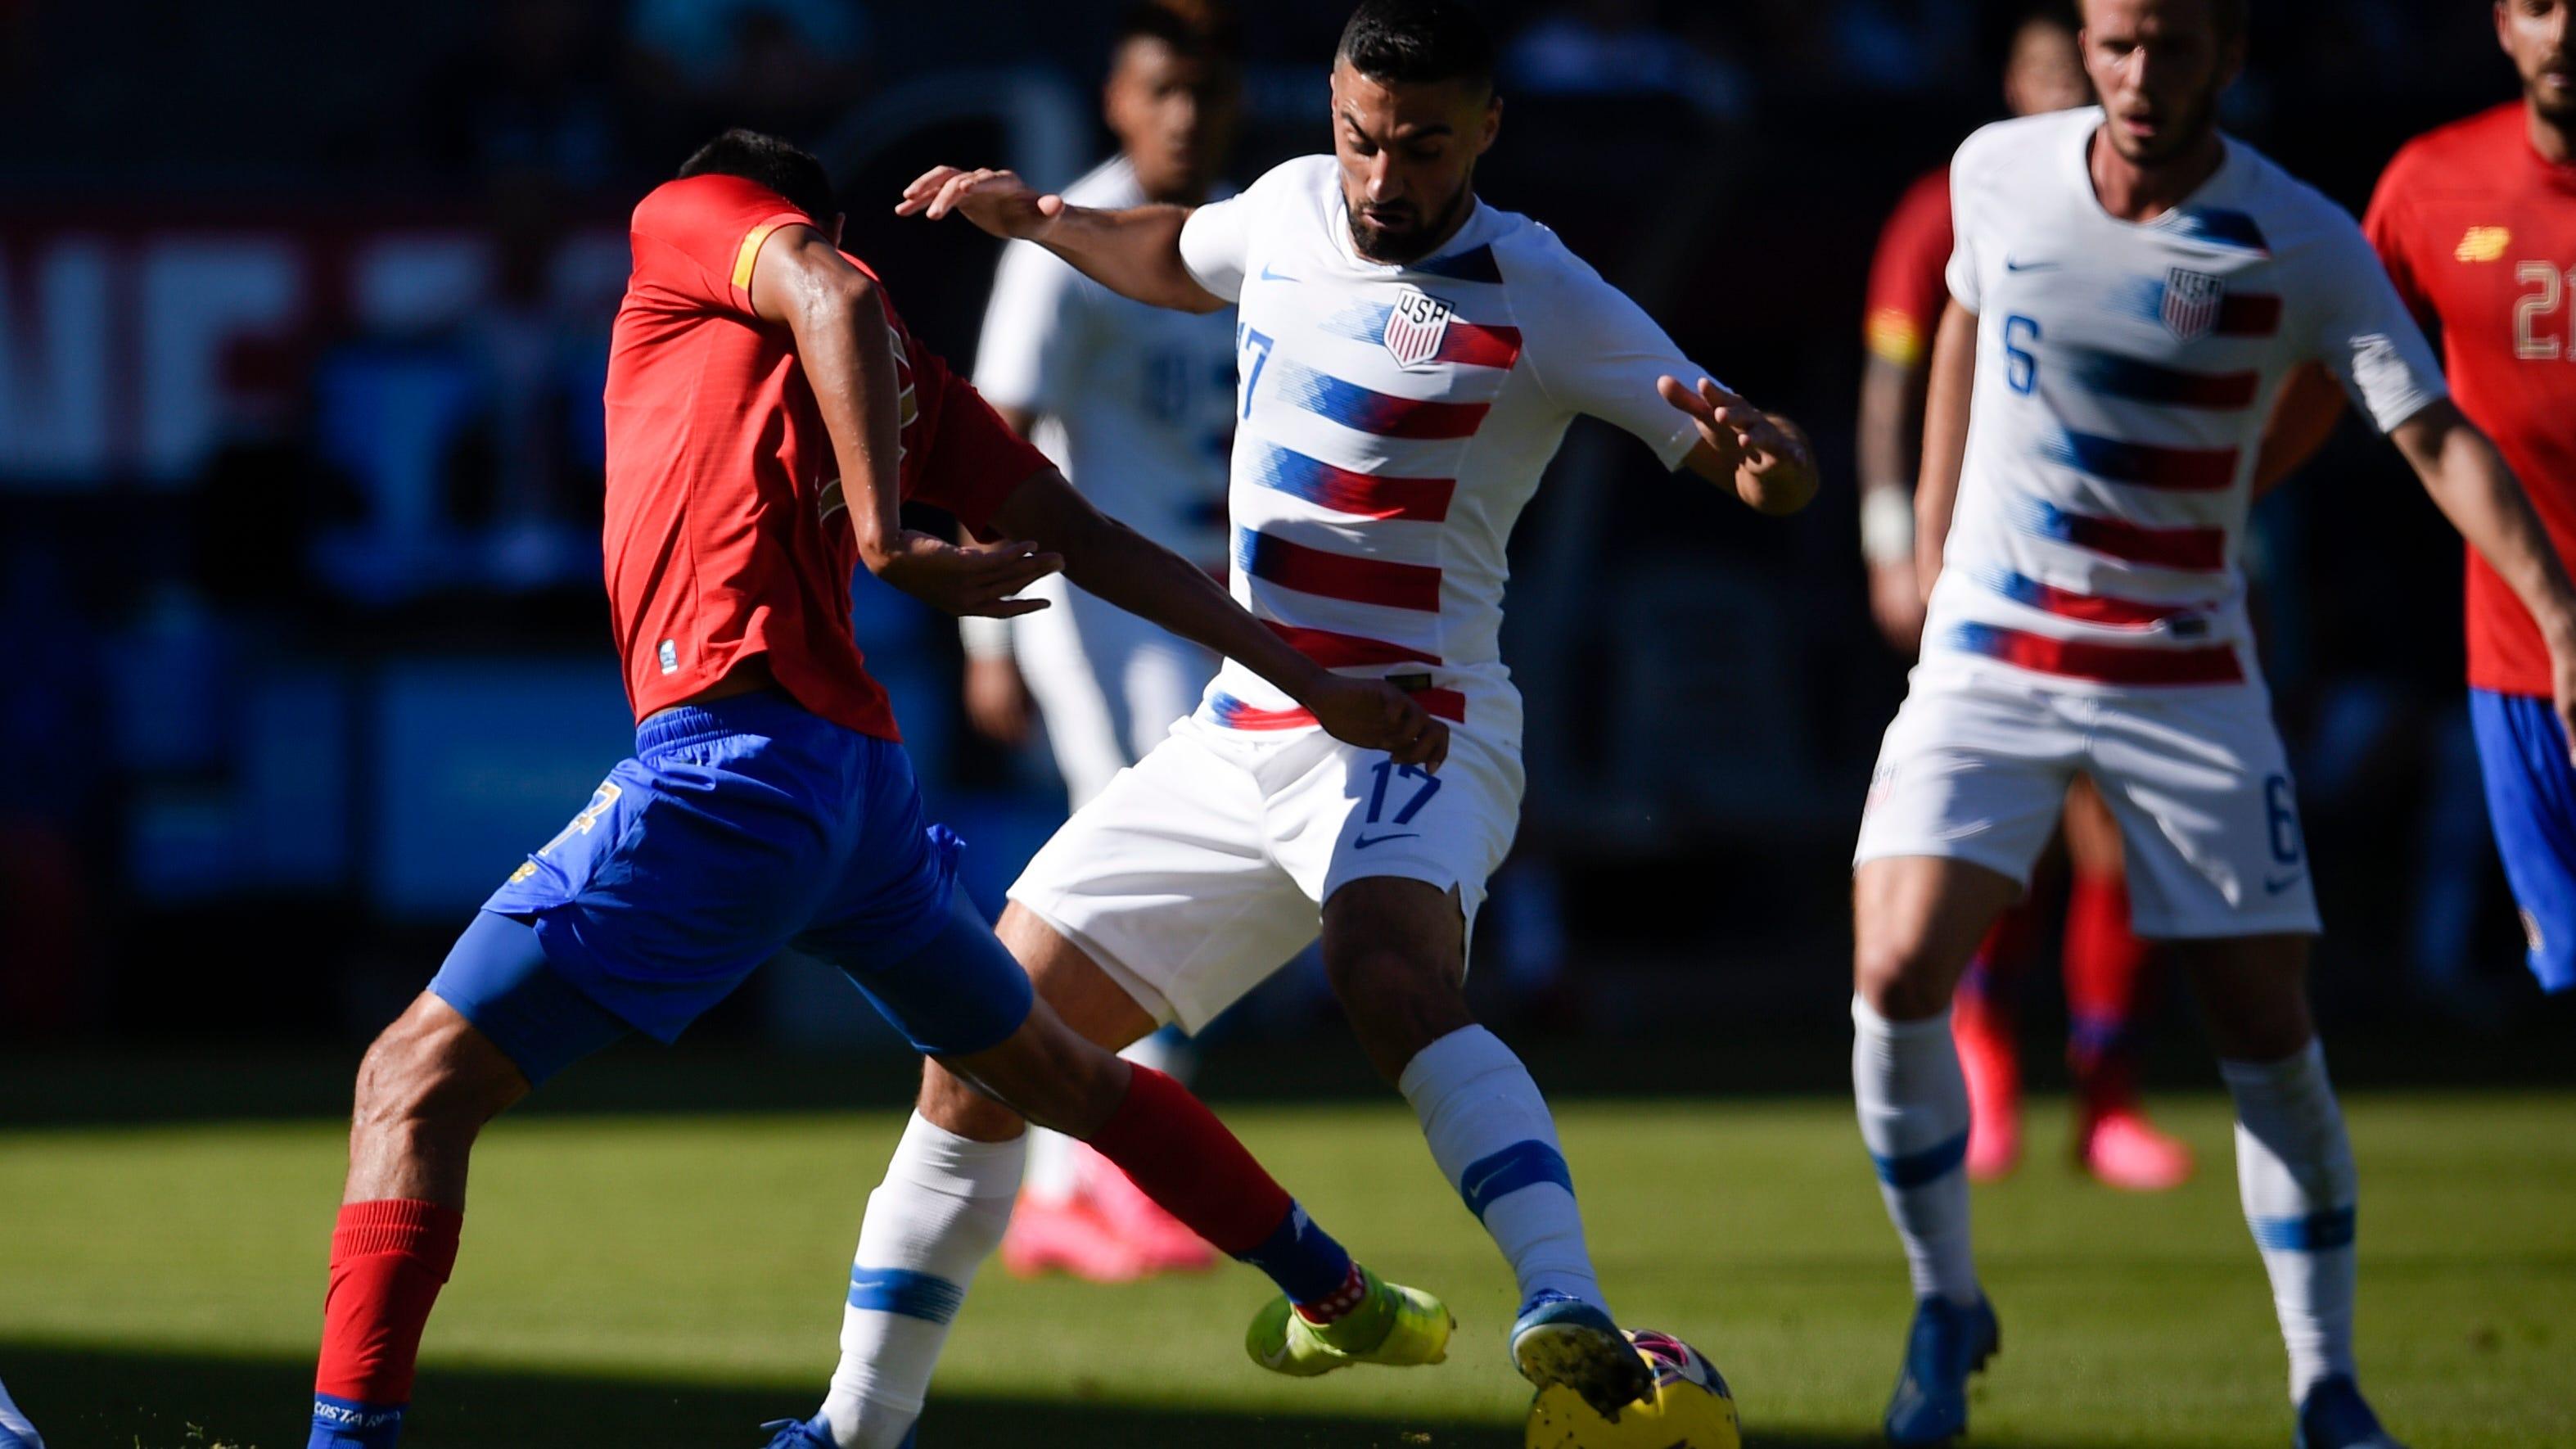 How to watch U.S. men's soccer team vs. El Salvador: TV channel, live stream, start time, USMNT roster